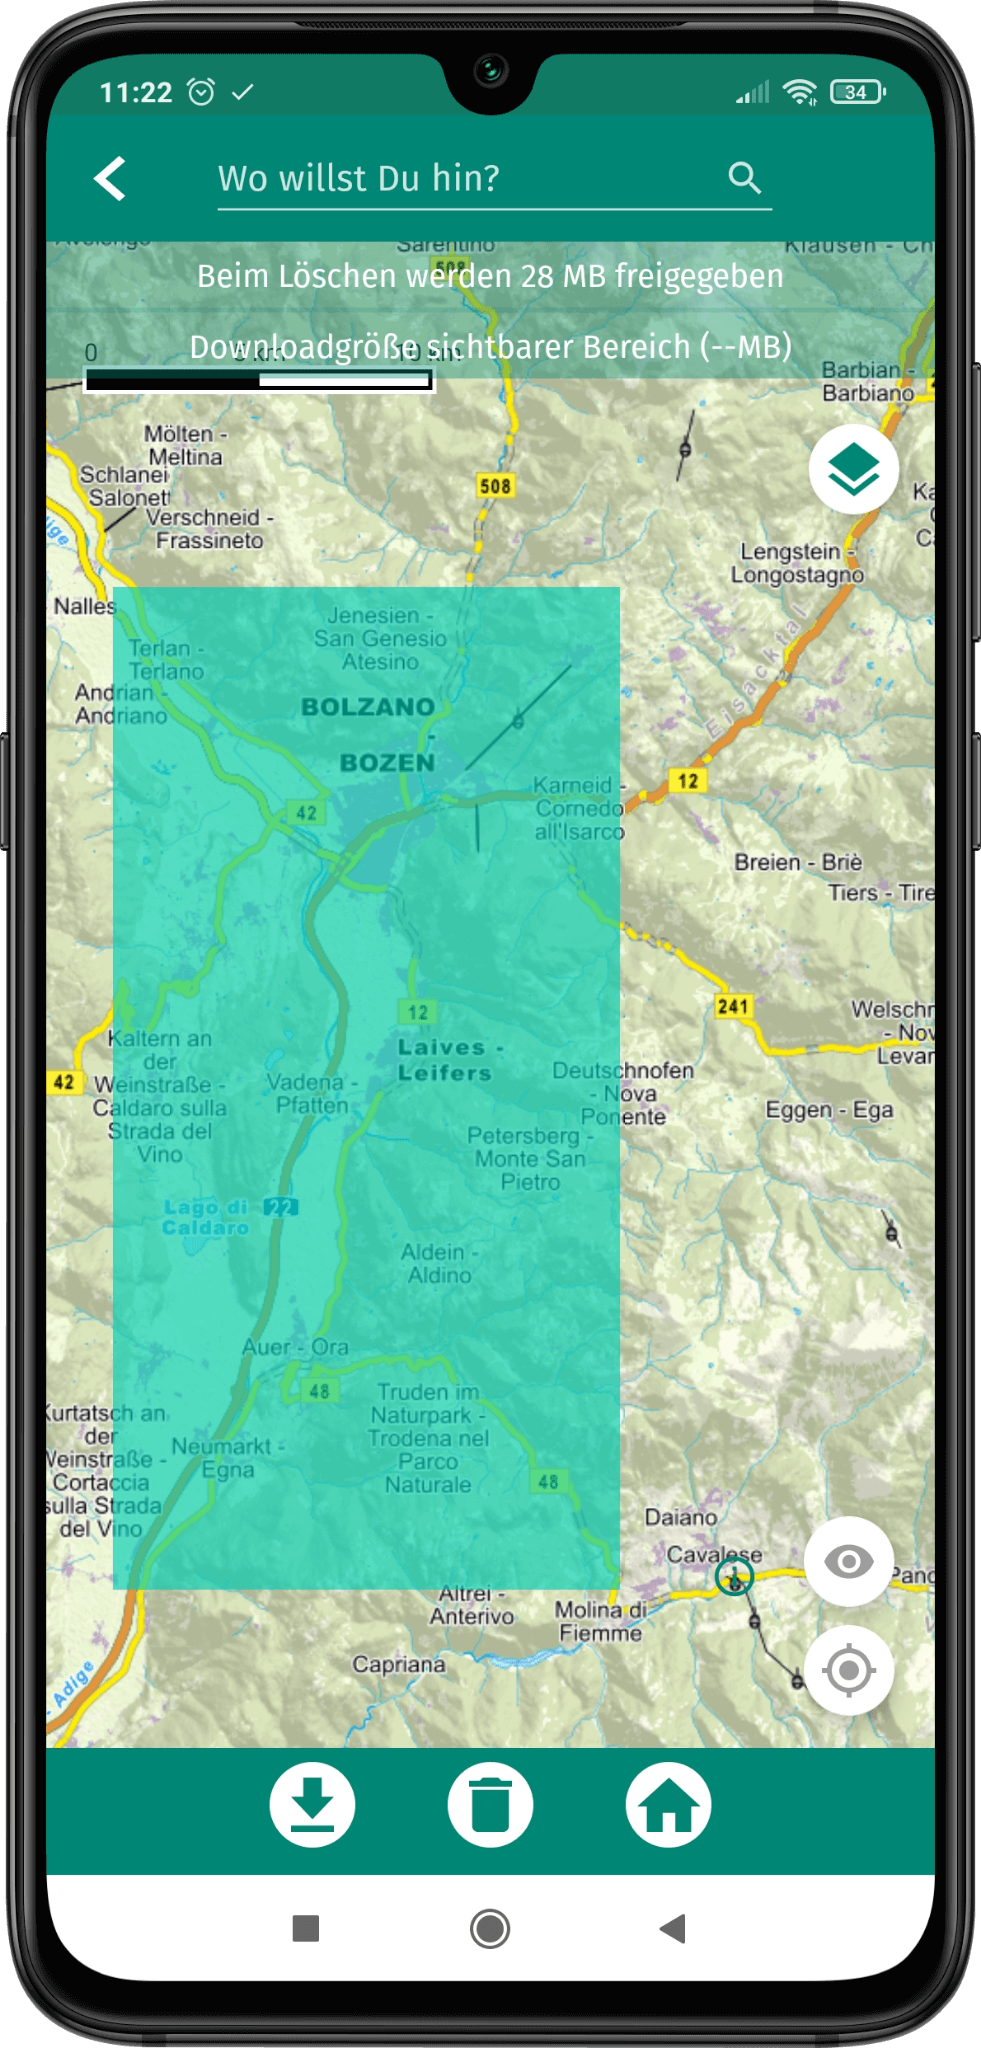 App Screenshot - grüner Bereich auf der Kartenansicht